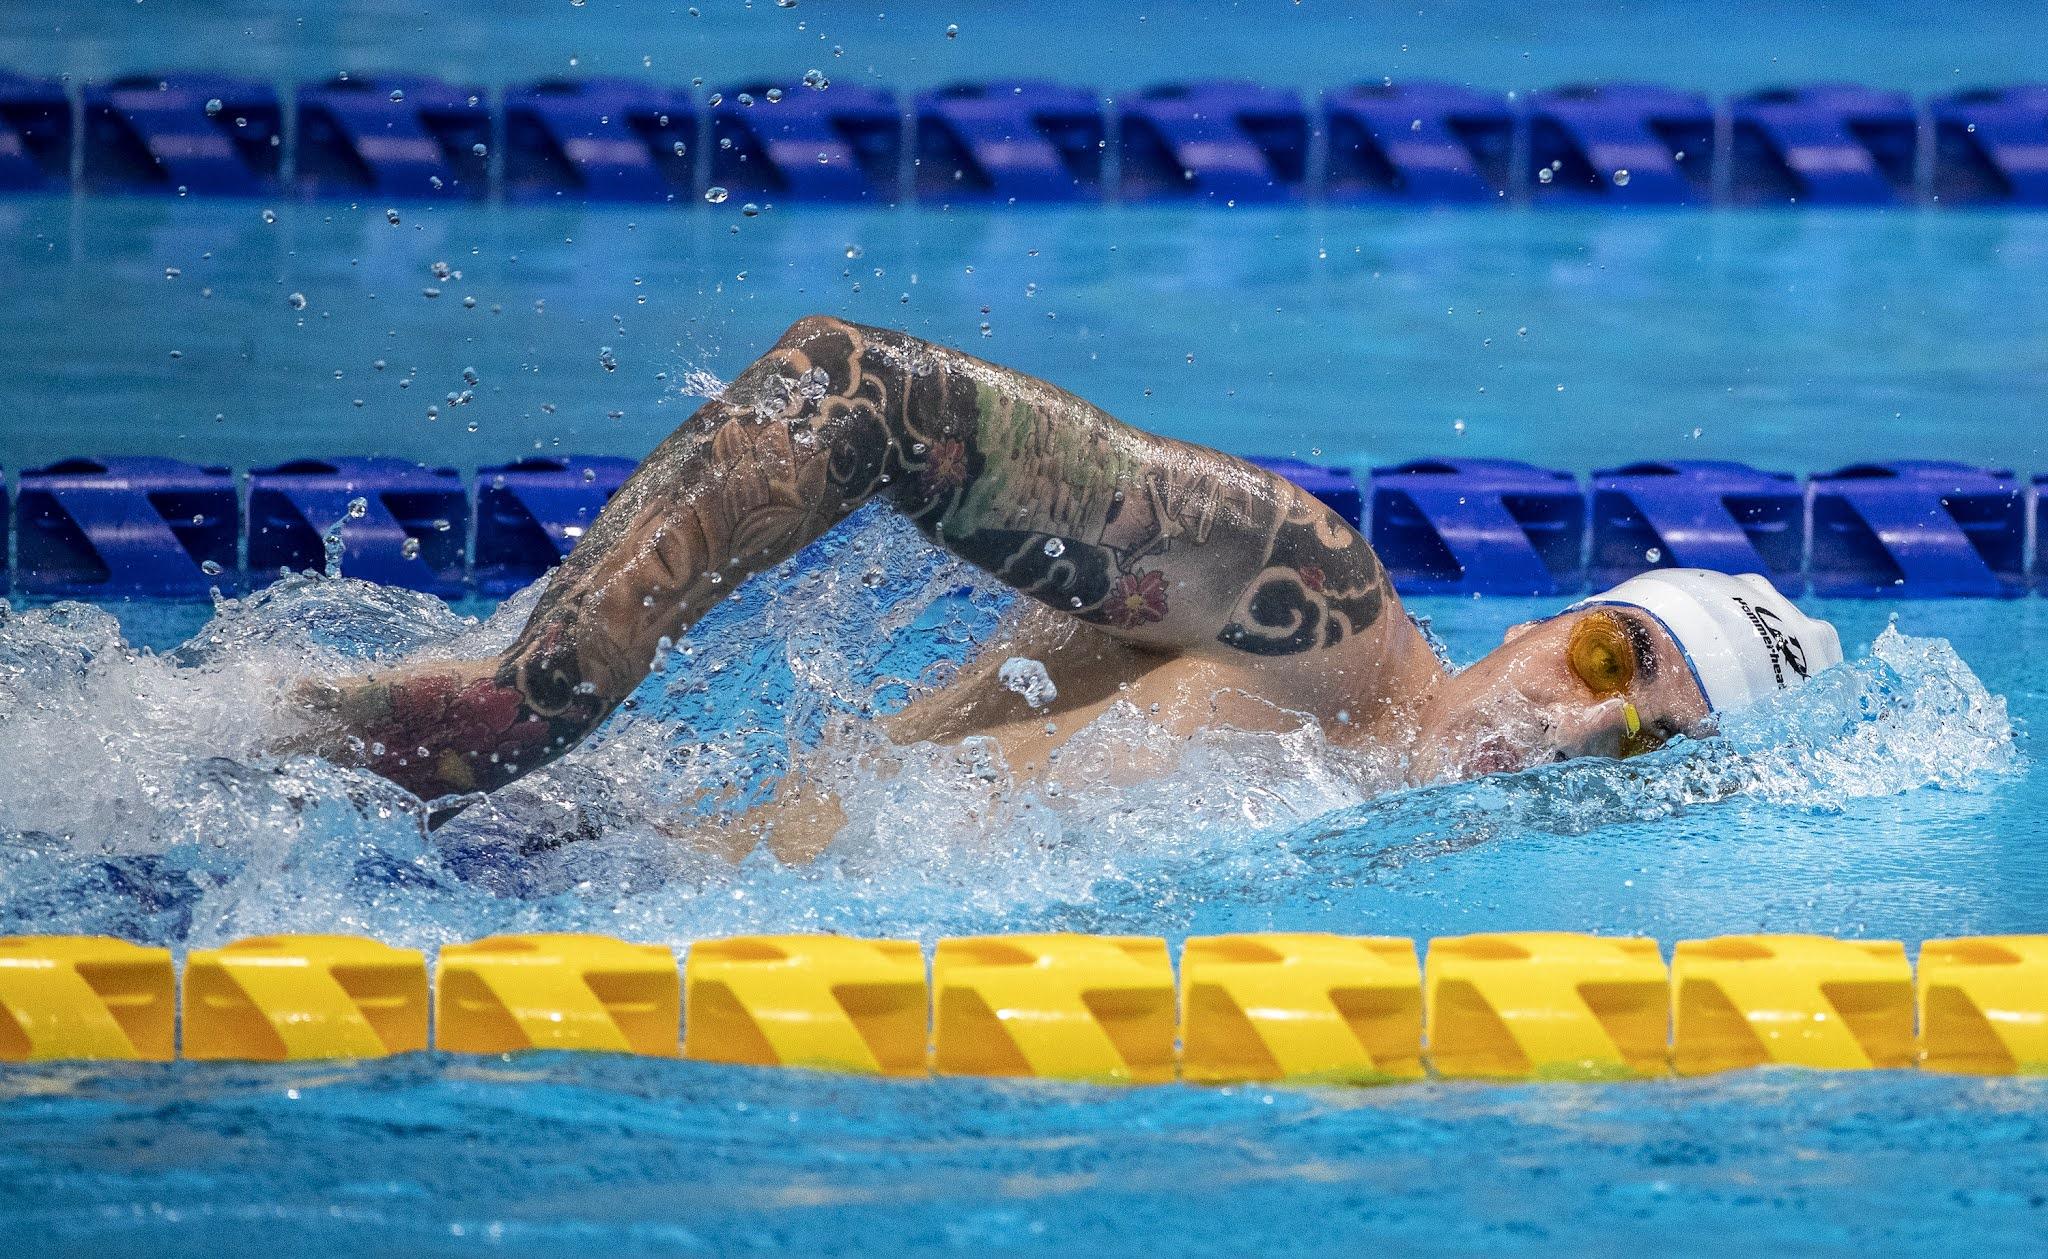 Talisson Glock fazendo o nado livre. Ele usa uma touca branca e óculos laranja. Talisson está com metade do rosto e um braço coberto de tatuagens para fora da água.